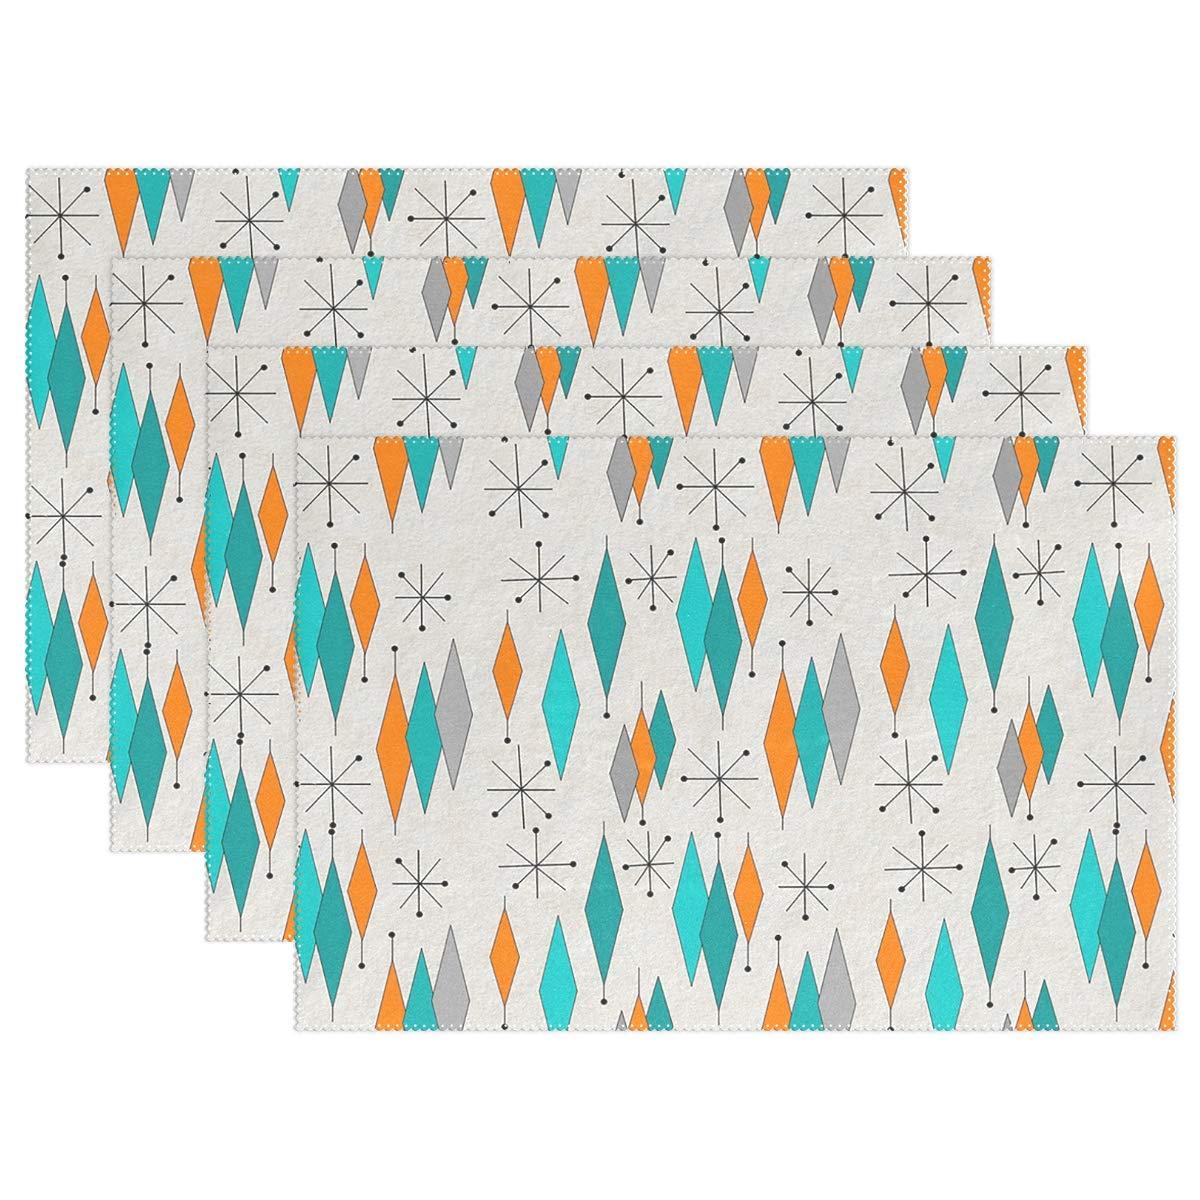 HoDeColor ミッドセンチュリーモダンダイヤモンドパターン プレースマット テーブルマット 4枚セット 12インチ x 18インチ 洗濯可能 テーブルプレースマット キッチン ダイニングルーム テーブル装飾 6 Placemats-1 6  B07K41XX78